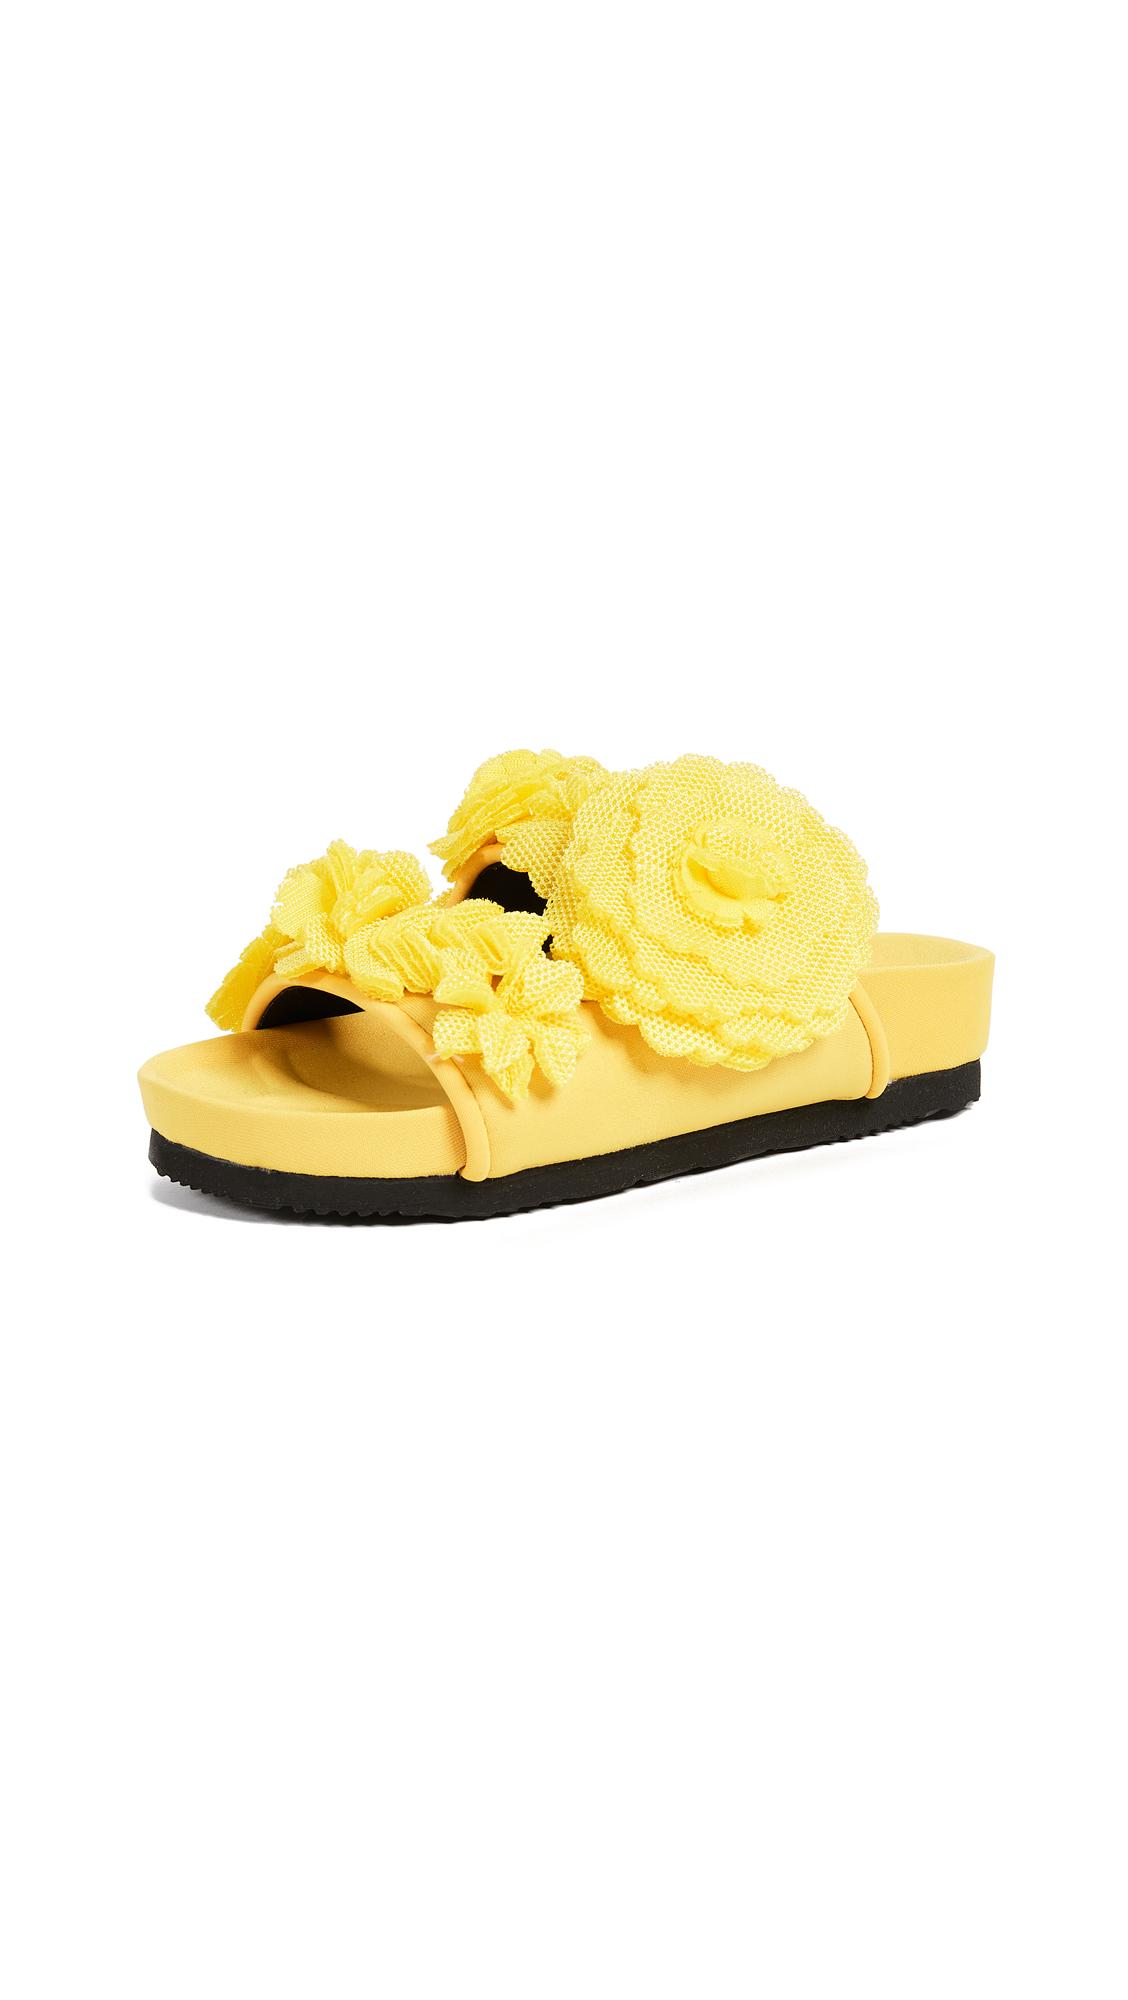 Suecomma Bonnie Flower Embellished Mesh Slides - Yellow